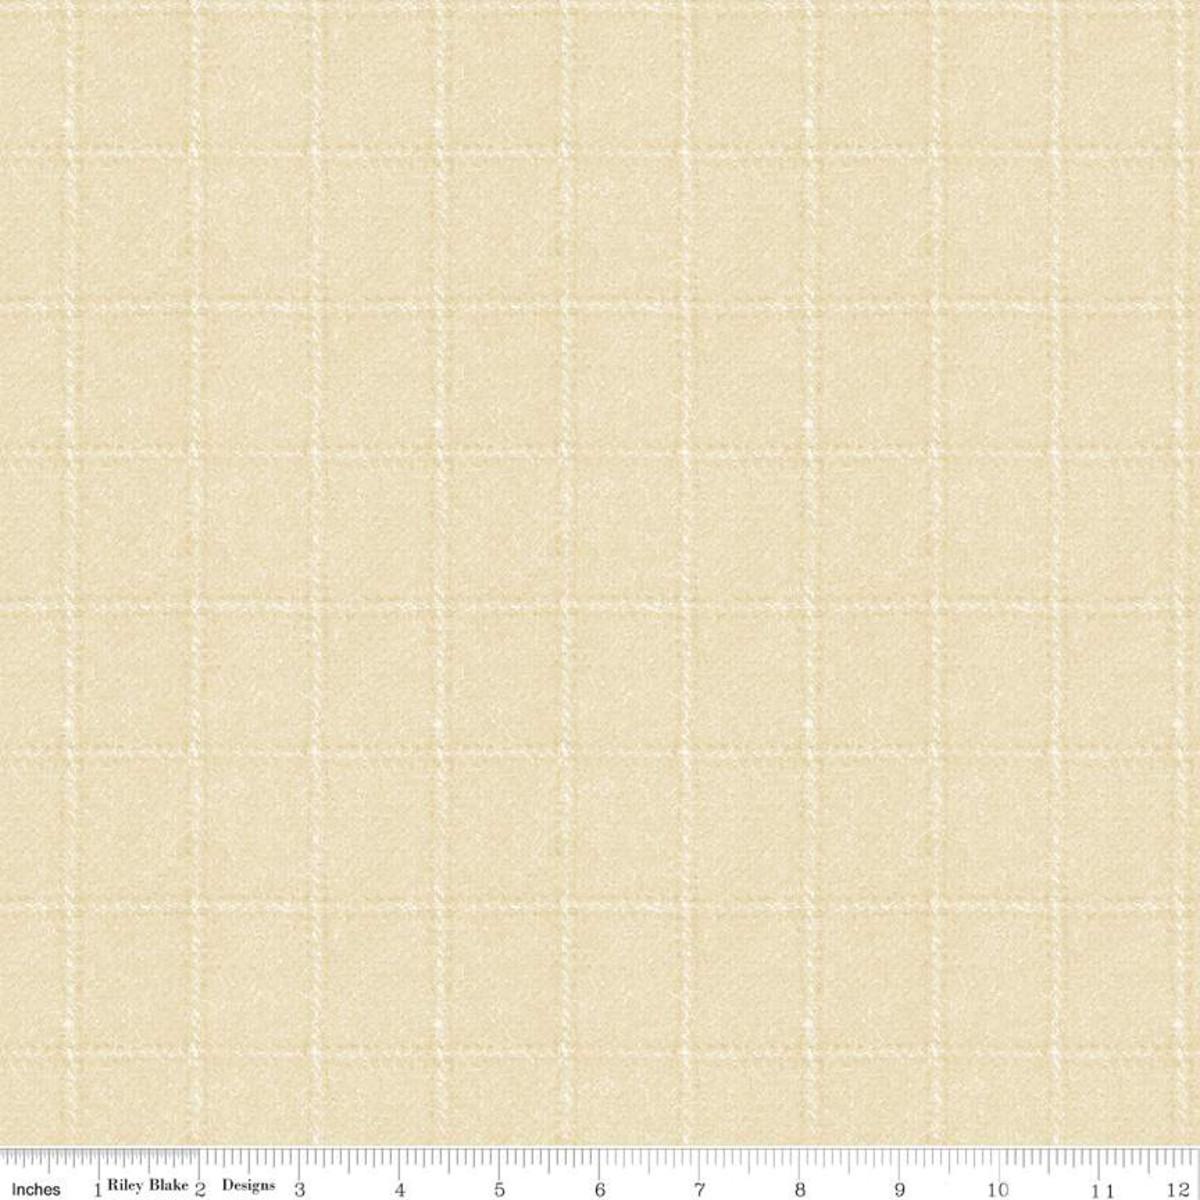 Riley Blake Woolen Flannel Plaid Cream F10640 Yardage